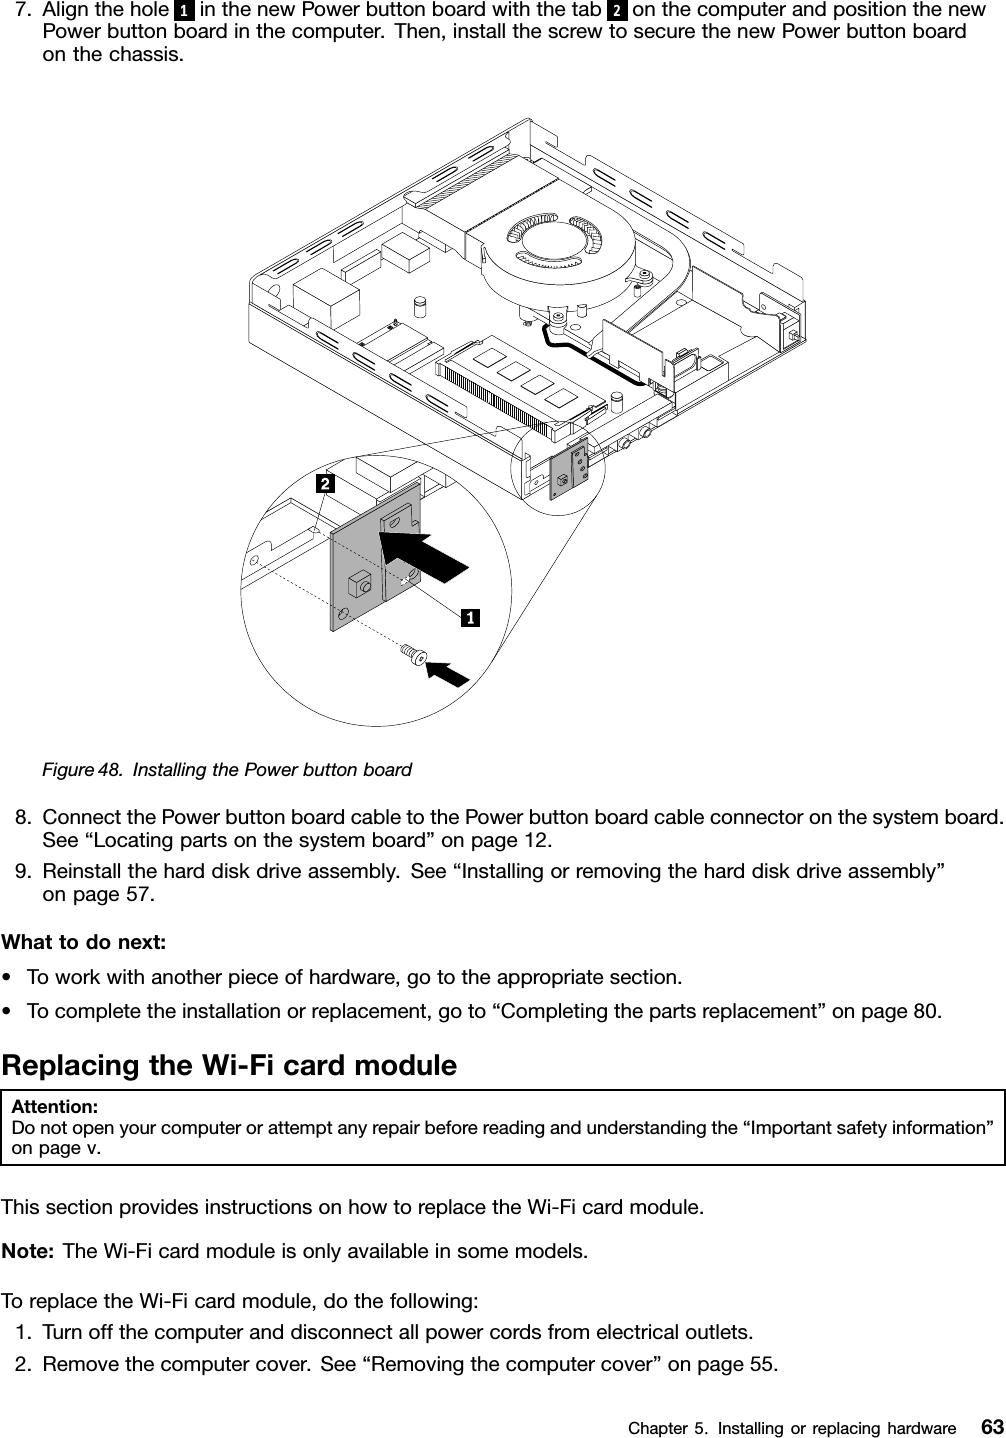 Lenovo M73 Tiny Ug En User Manual (English) Guide (Tiny Form Factor